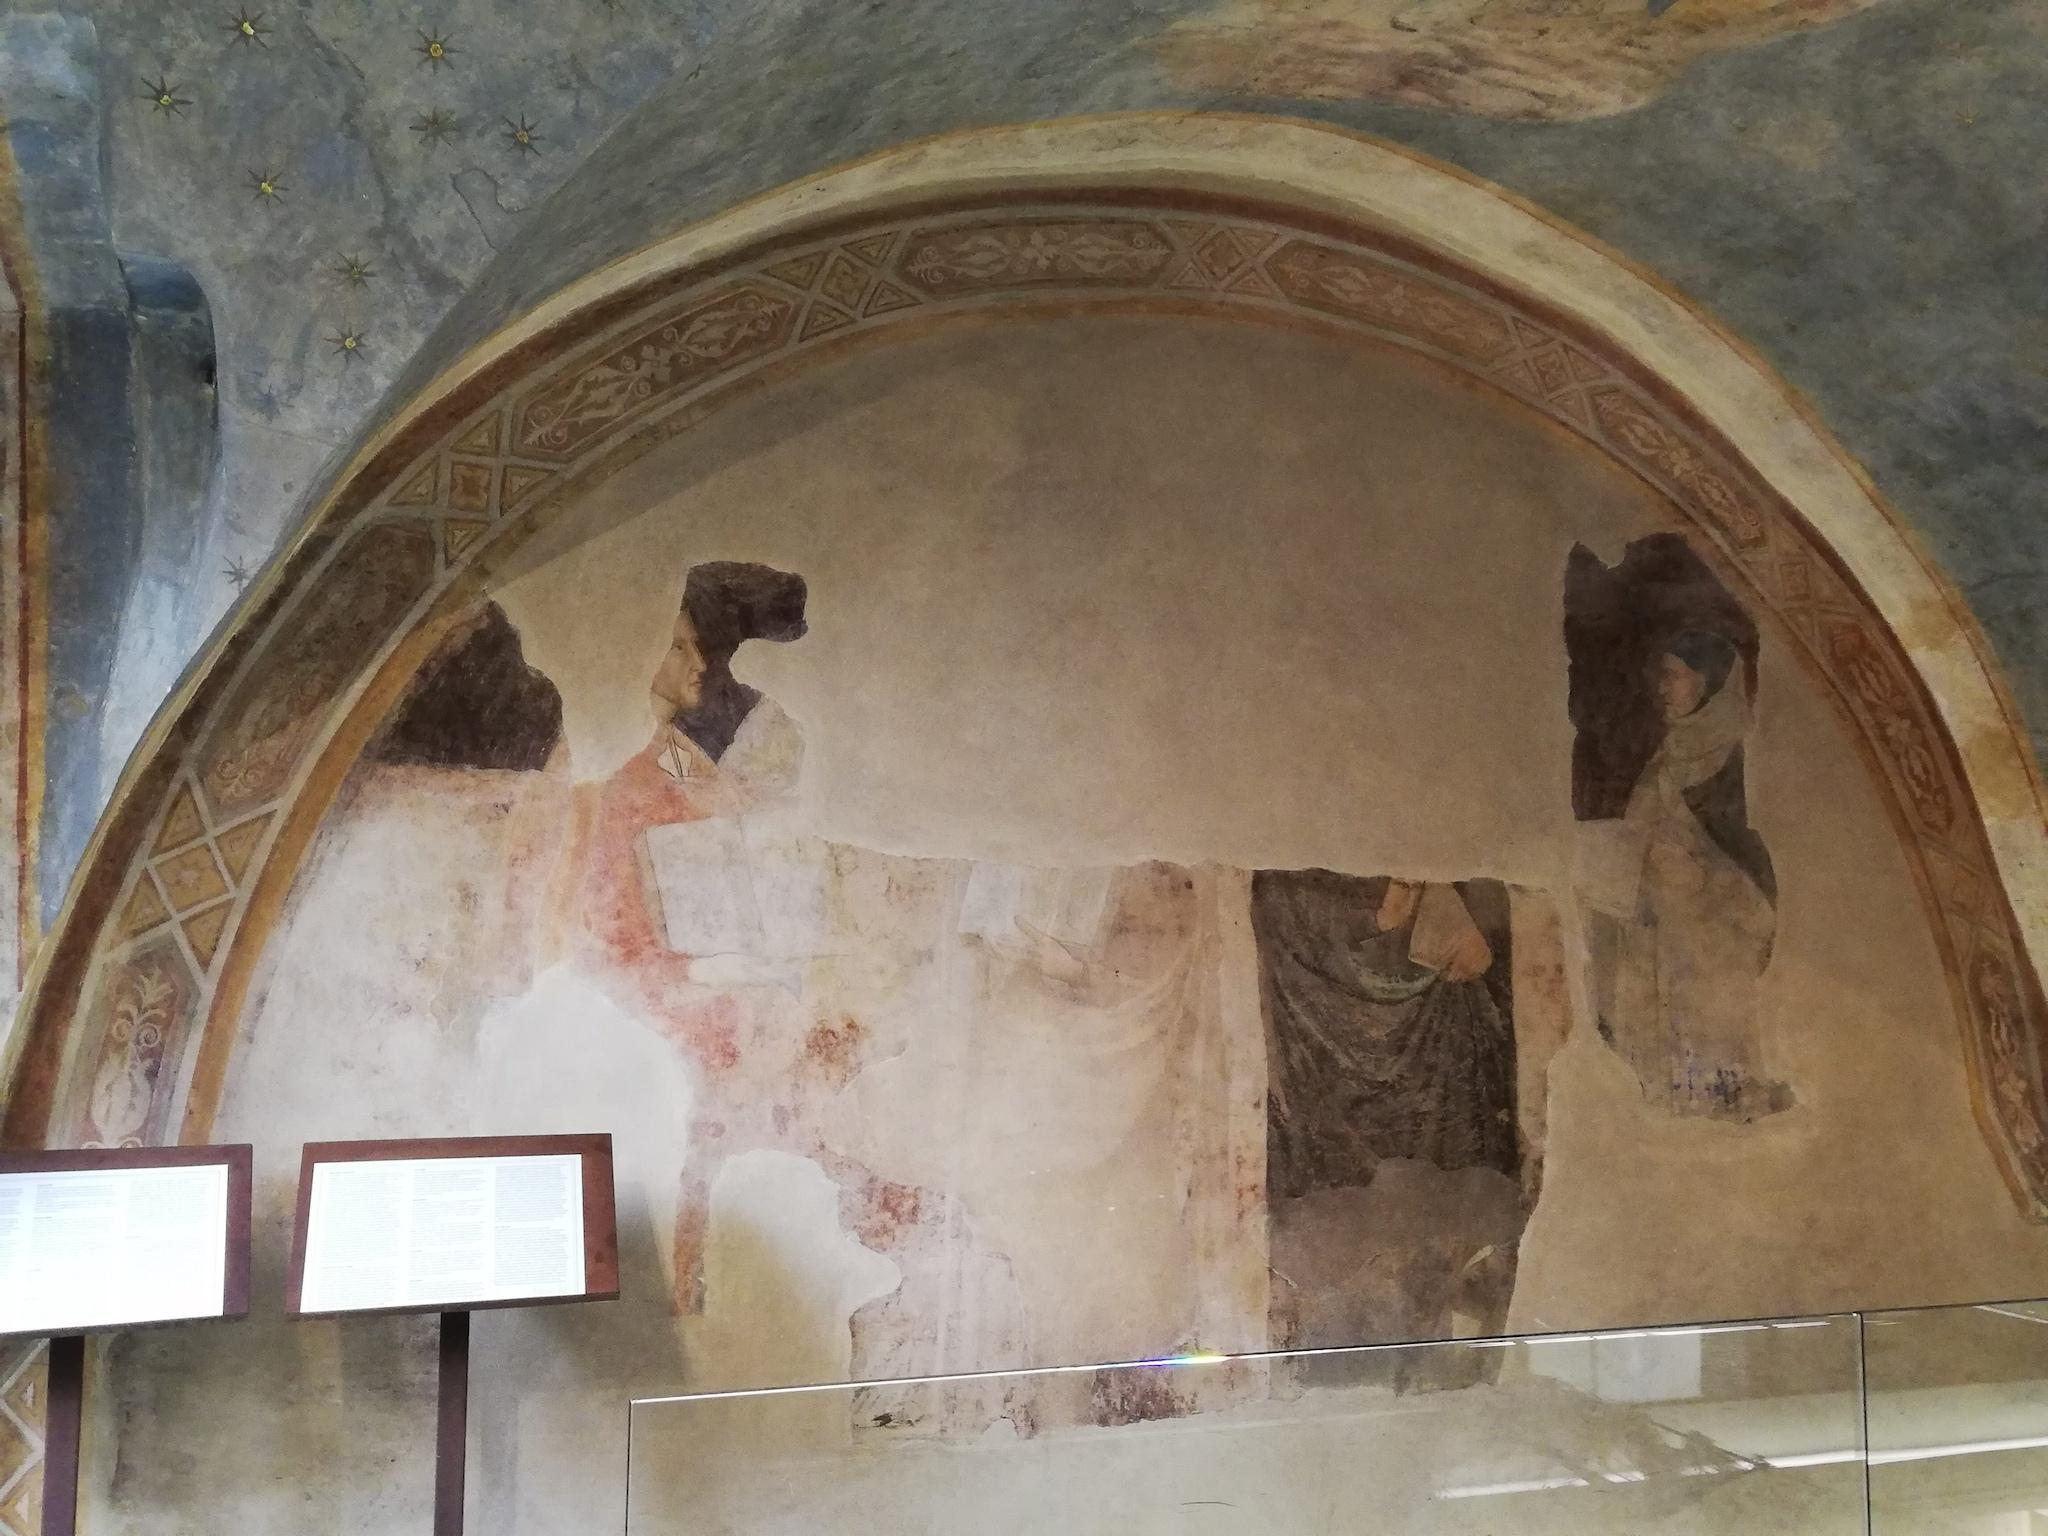 La lunetta con i ritratti di Dante e Boccaccio